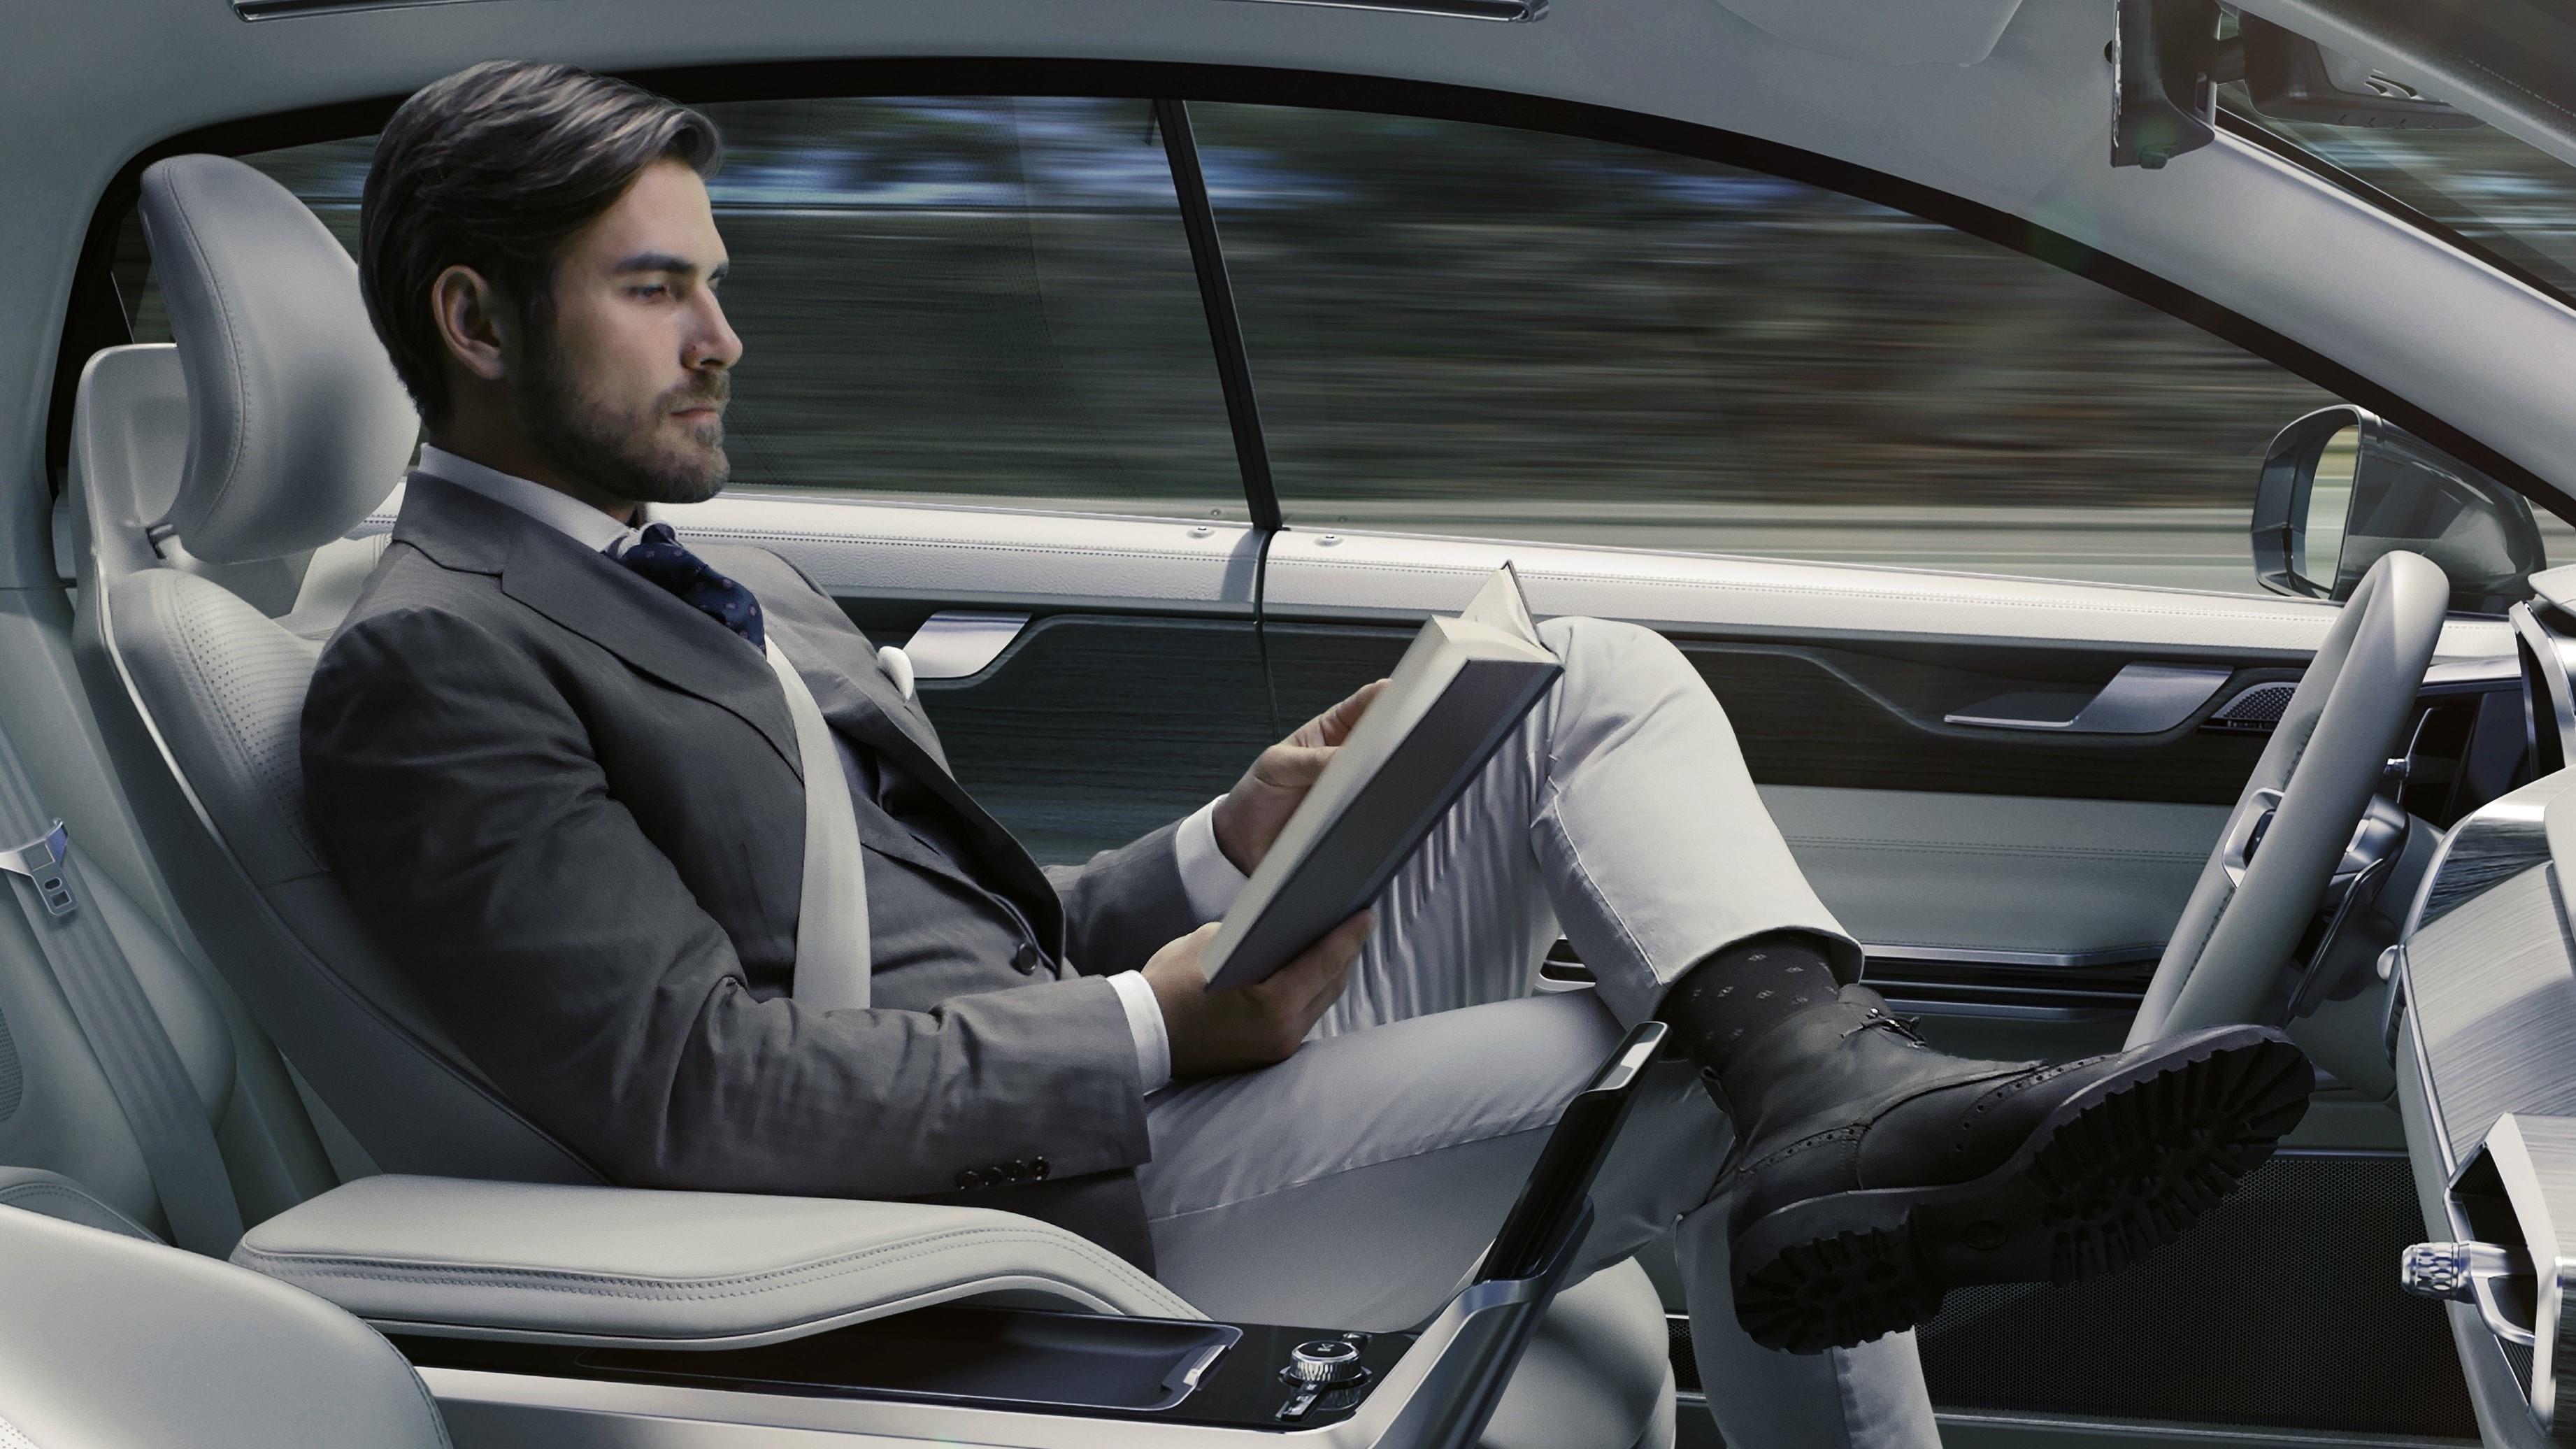 Voiture autonome : 1/3 des Français prêts à en acheter une, et 1/2 pense que